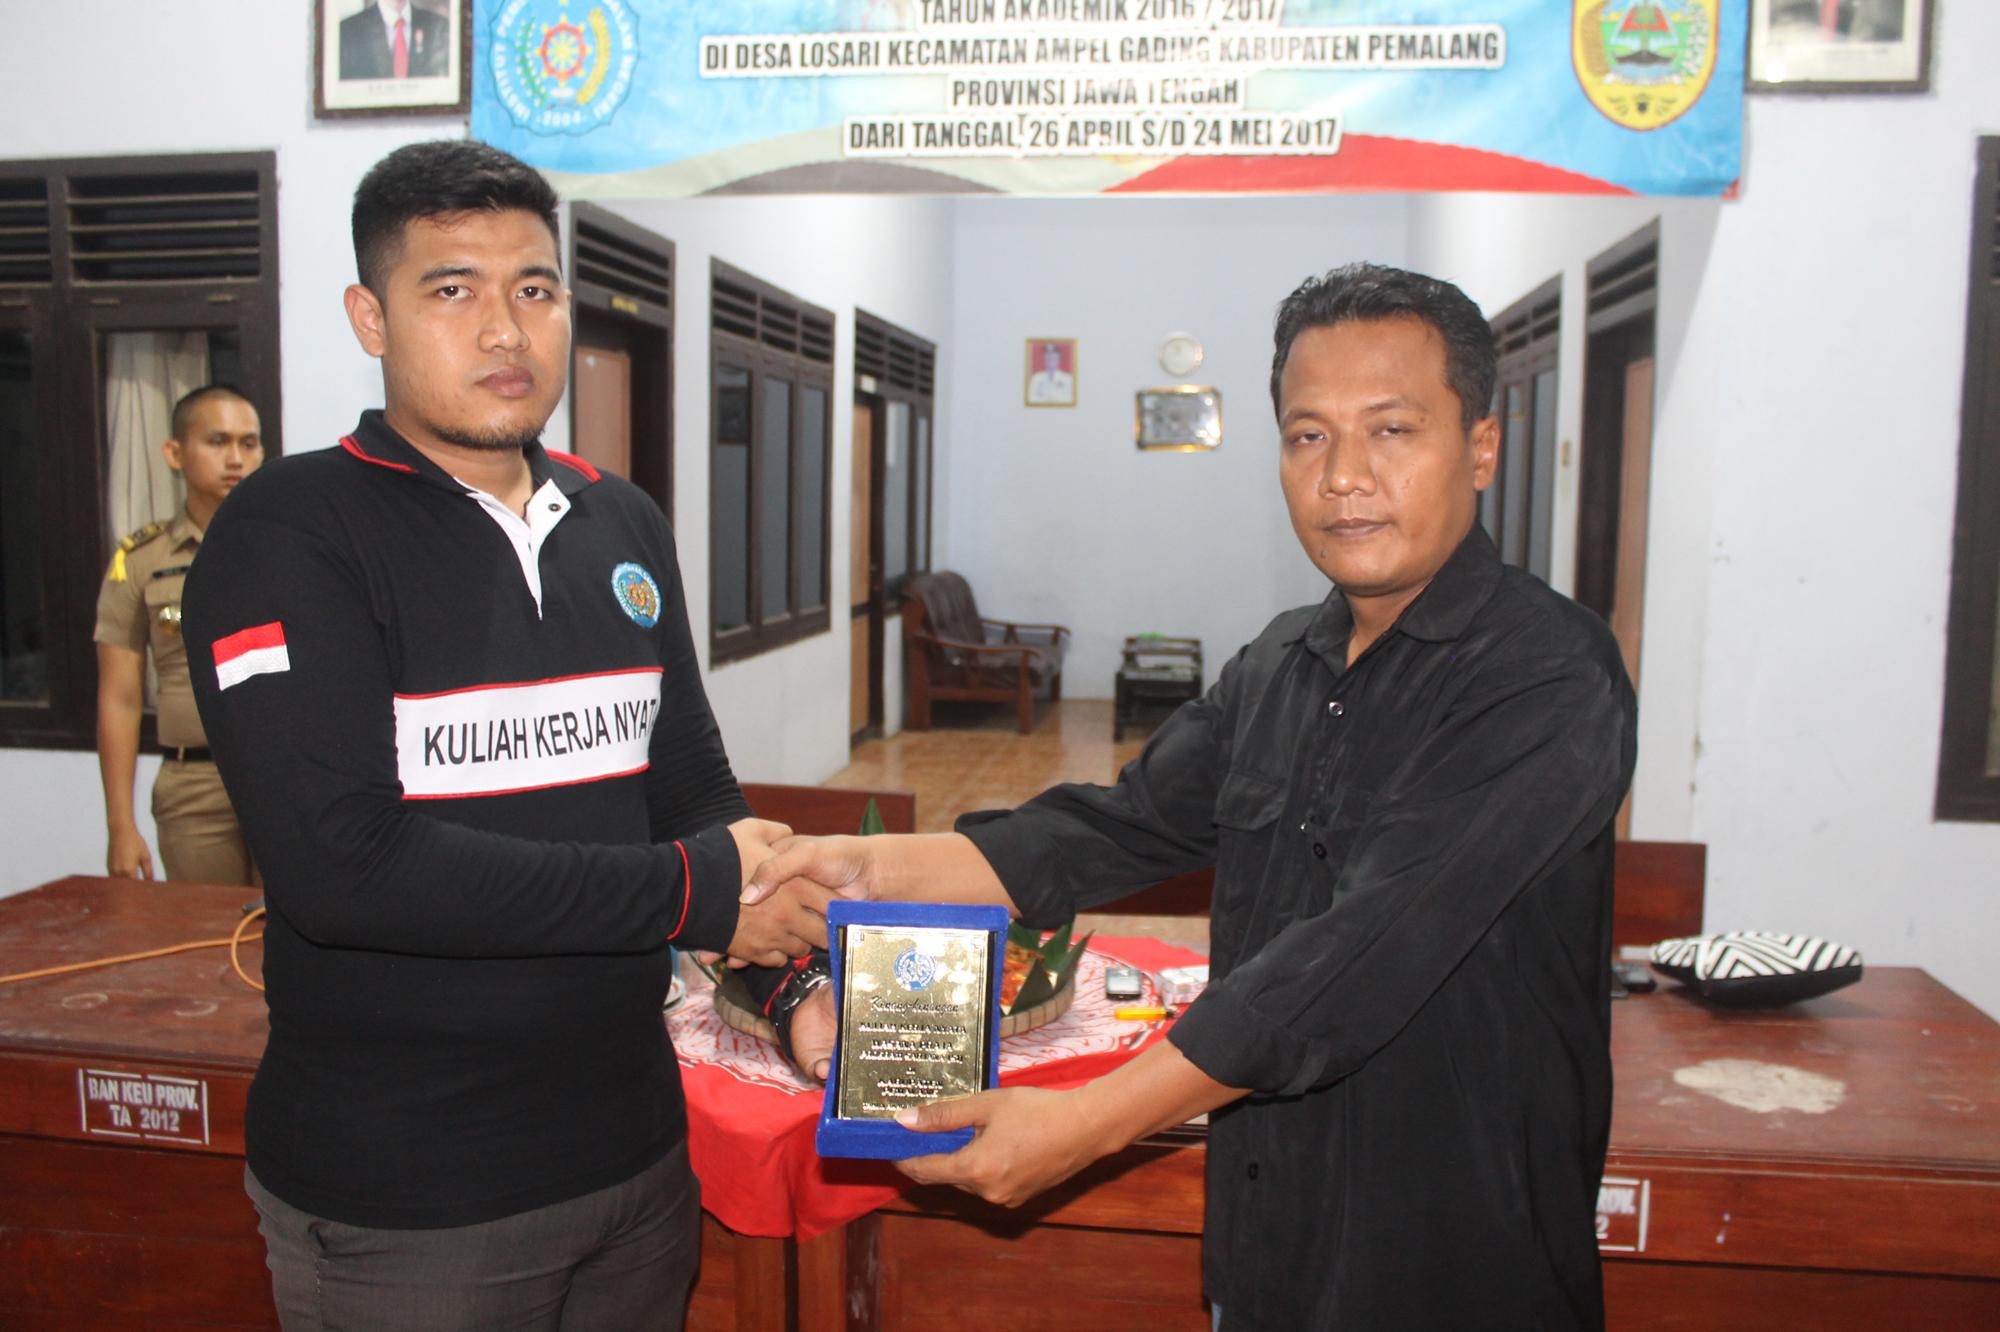 Perpisahan Praja IPDN Di Desa Losari